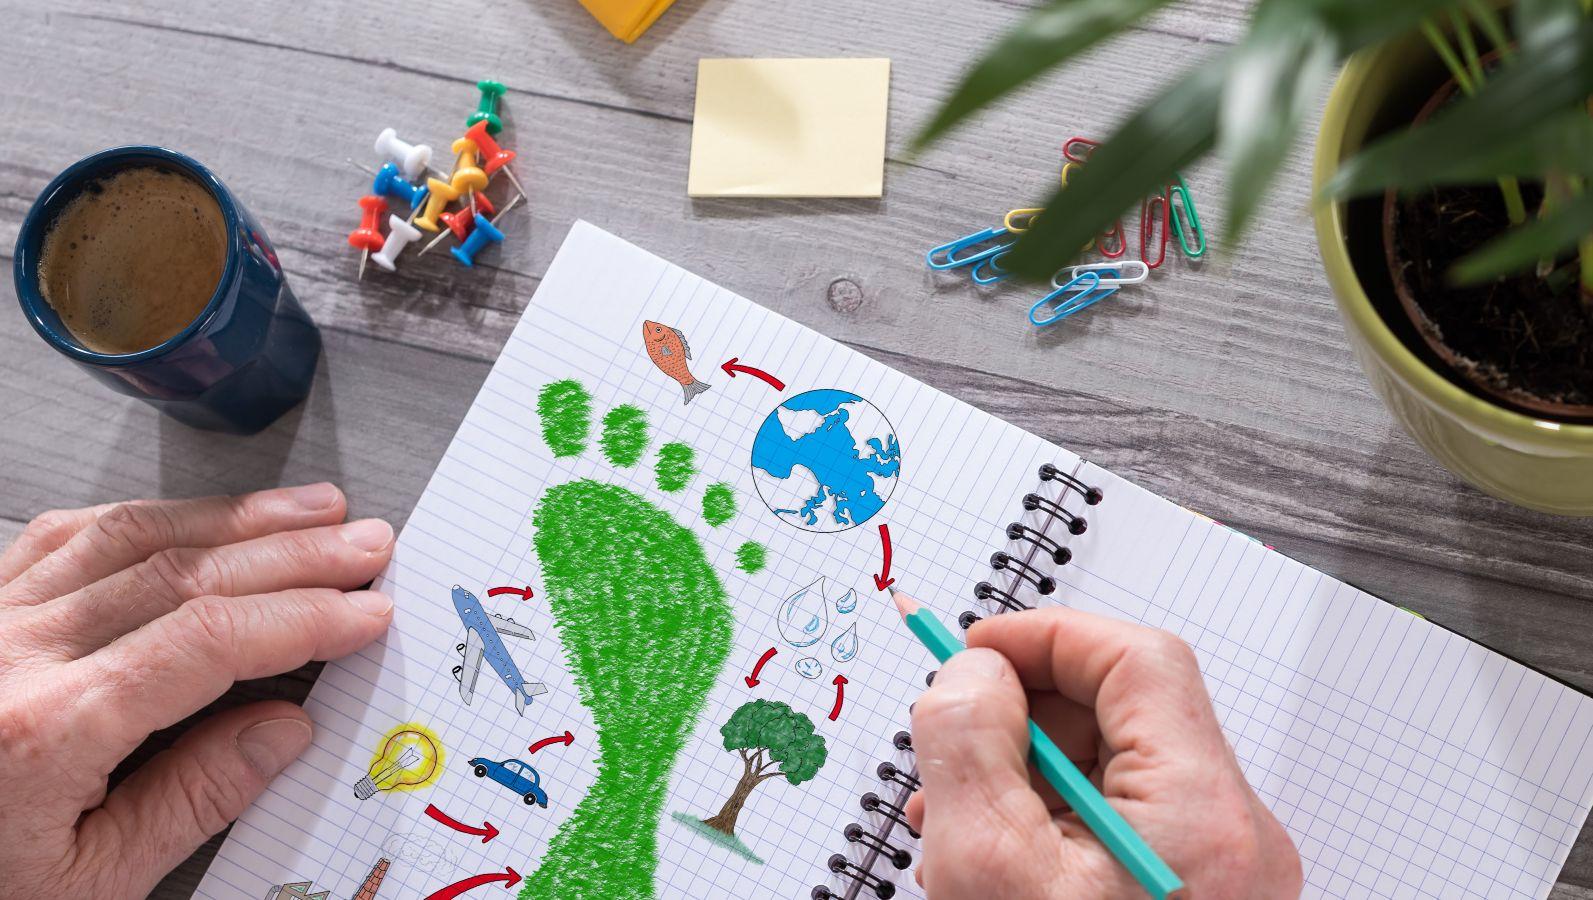 Eine Person hält ein aufgeschlagenes Notizbuch und einen Stift auf einem Schreibtisch mit diversen Schreibutensilien. Auf der Seite des Notizbuchs sind Zeichnungen passend zum Thema Bioökonomie und Umwelt, z.B. ein grüner Fußabdruck.